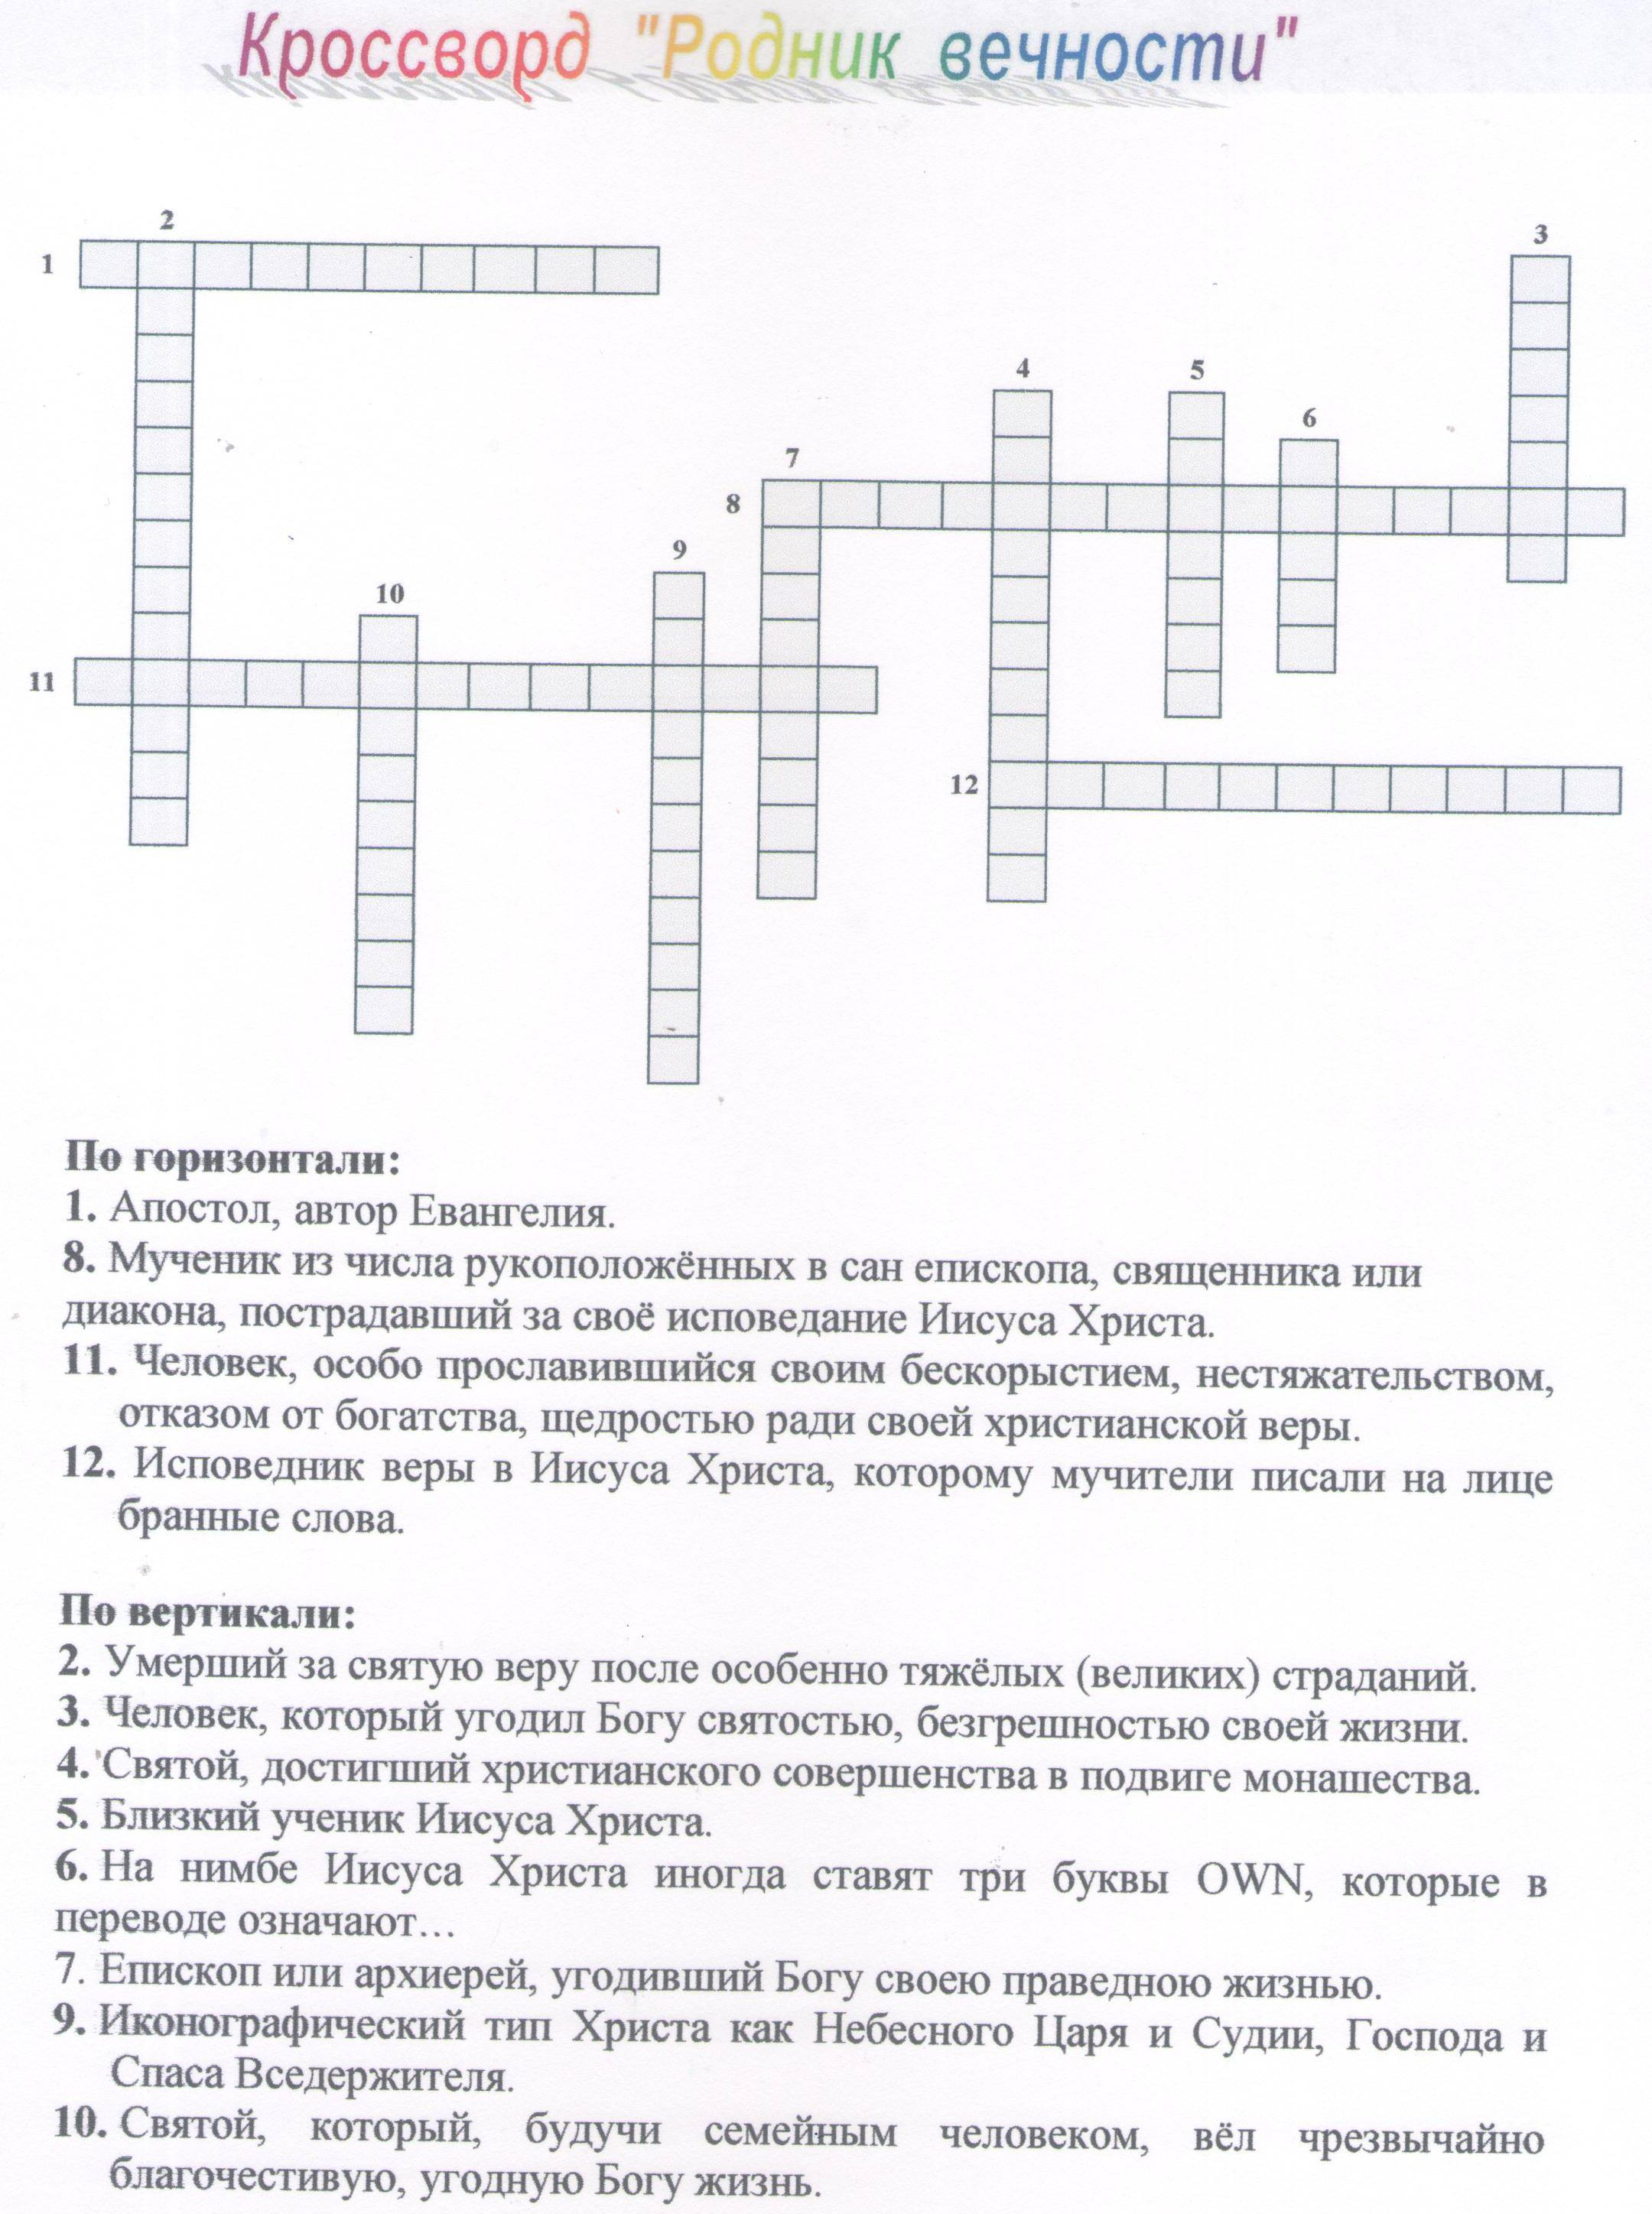 Омельянская О.В., ребус 3